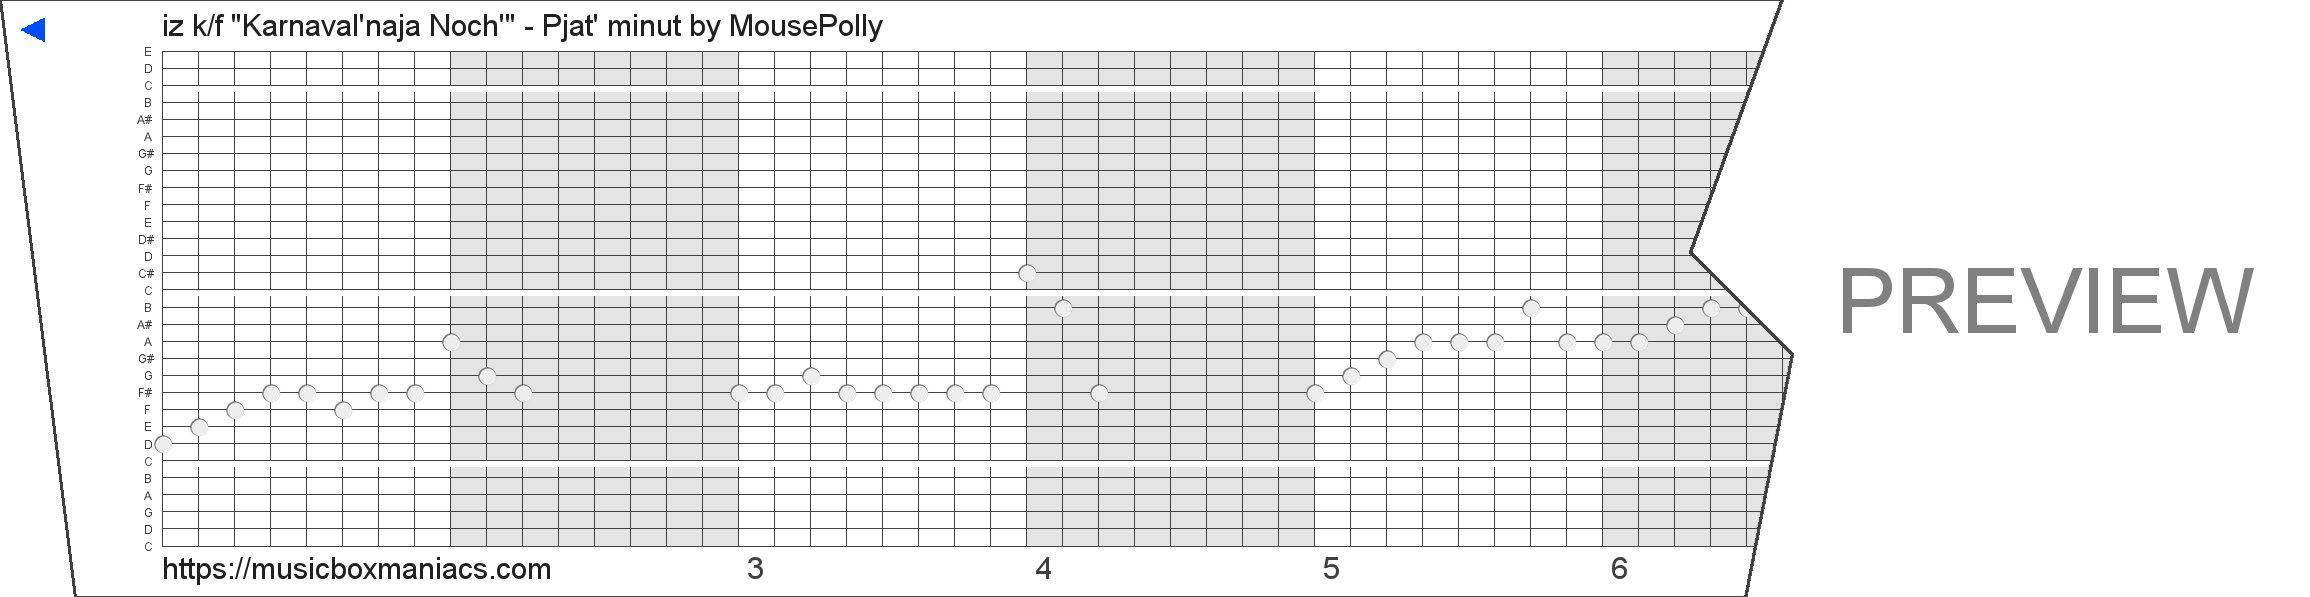 """iz k/f """"Karnaval'naja Noch'"""" - Pjat' minut 30 note music box paper strip"""